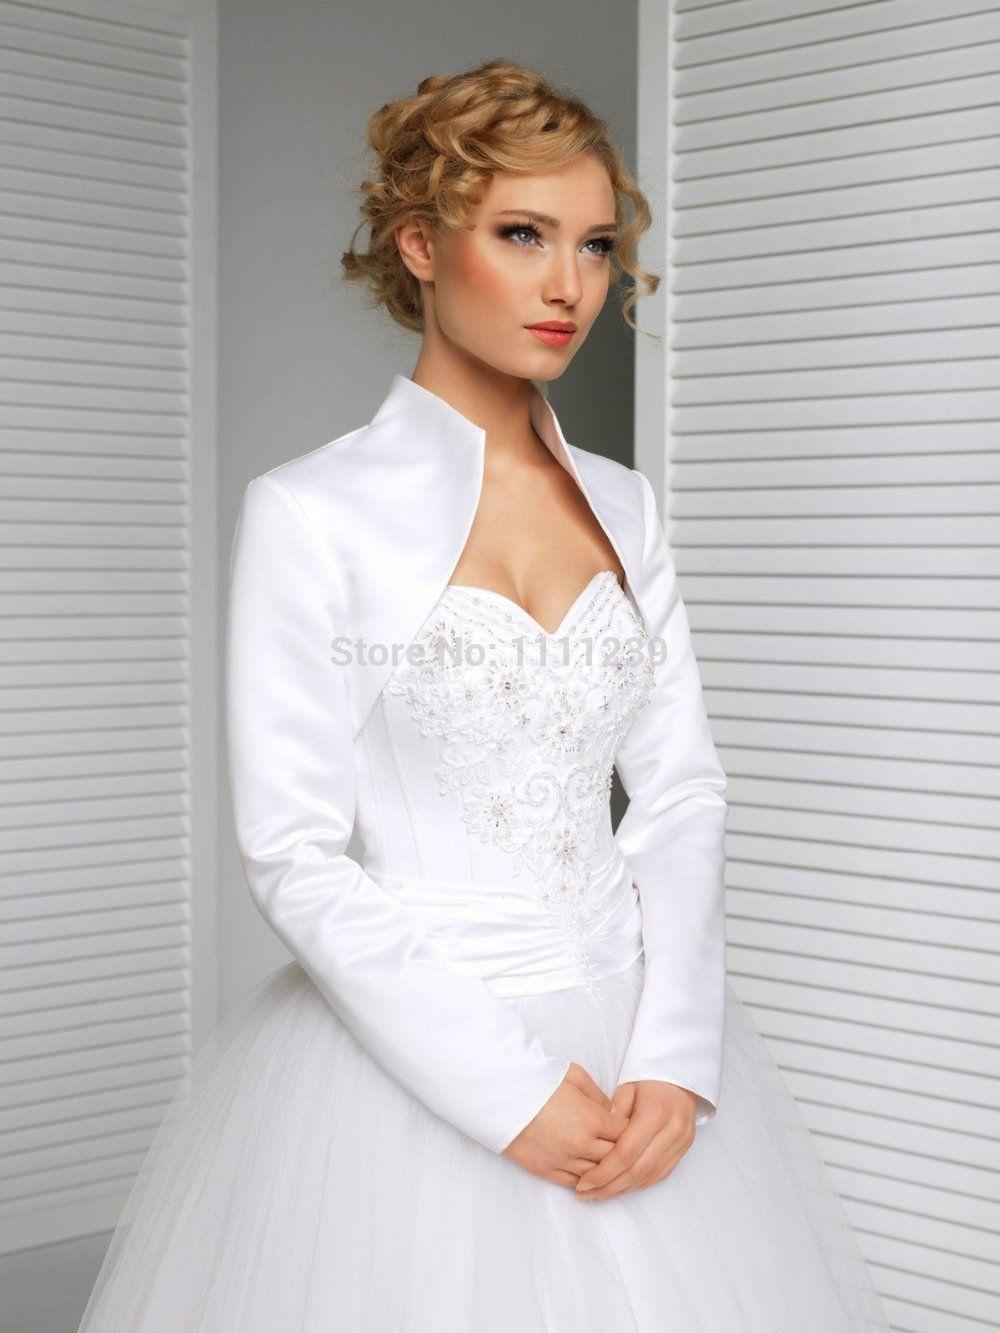 pas cher nouvelle de mari e en satin veste de mariage wrap. Black Bedroom Furniture Sets. Home Design Ideas